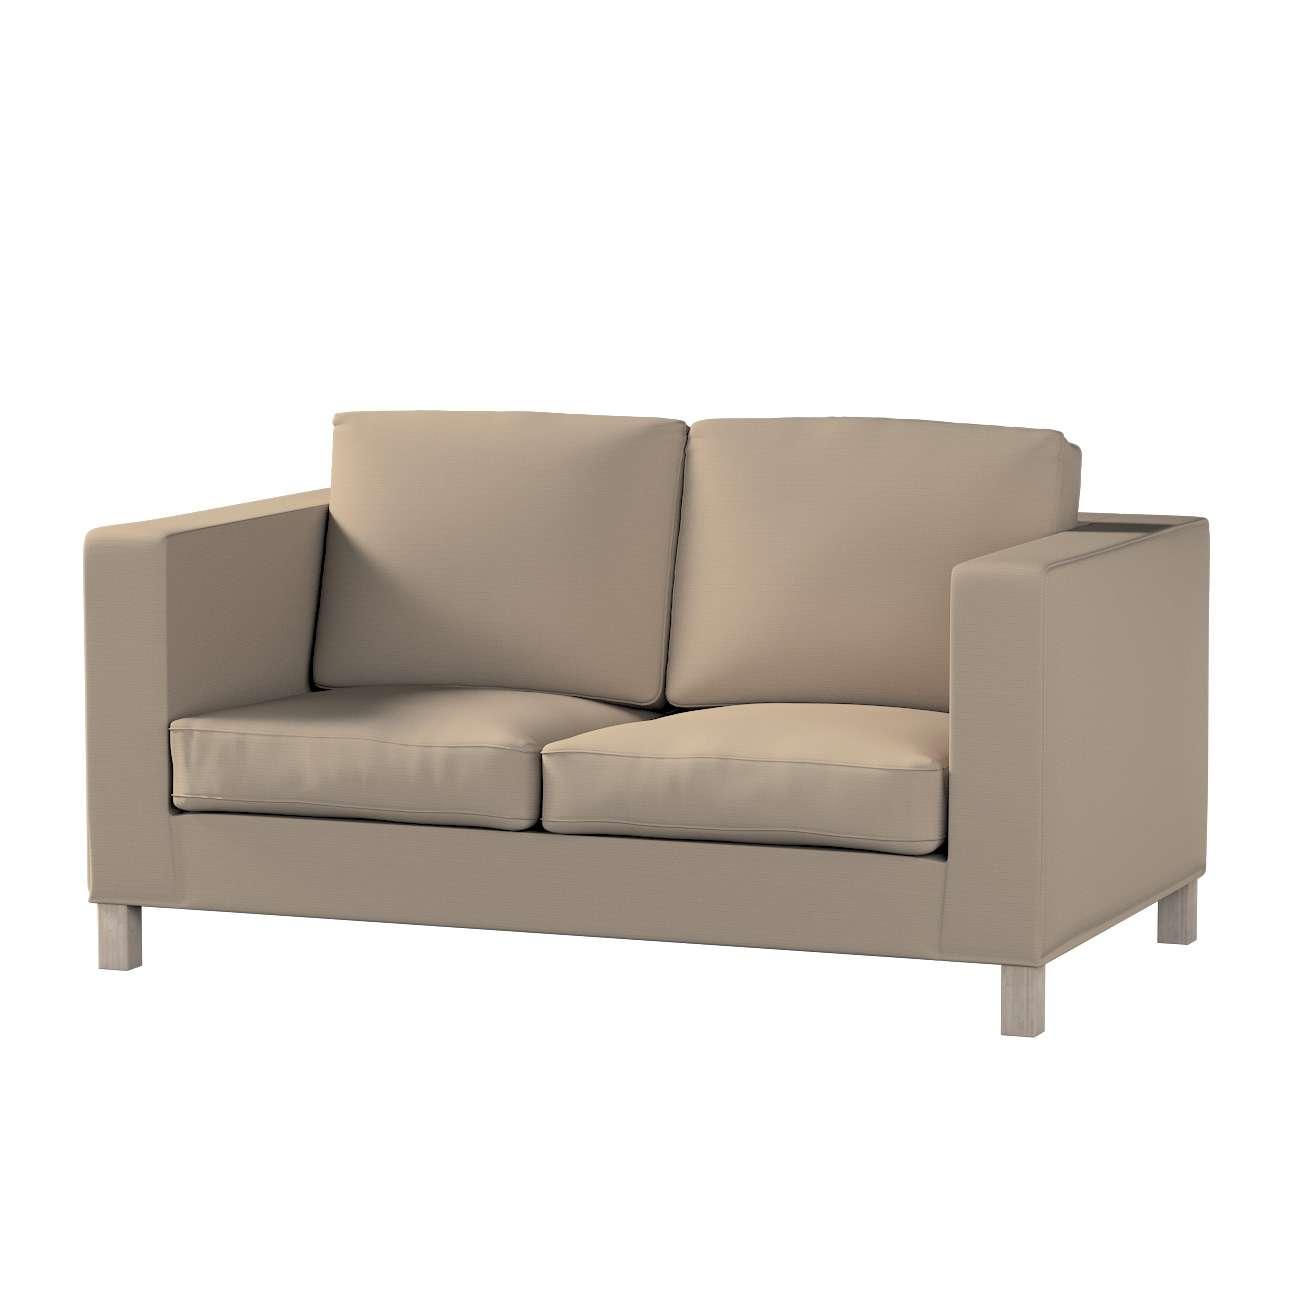 Pokrowiec na sofę Karlanda 2-osobową nierozkładaną, krótki w kolekcji Cotton Panama, tkanina: 702-28